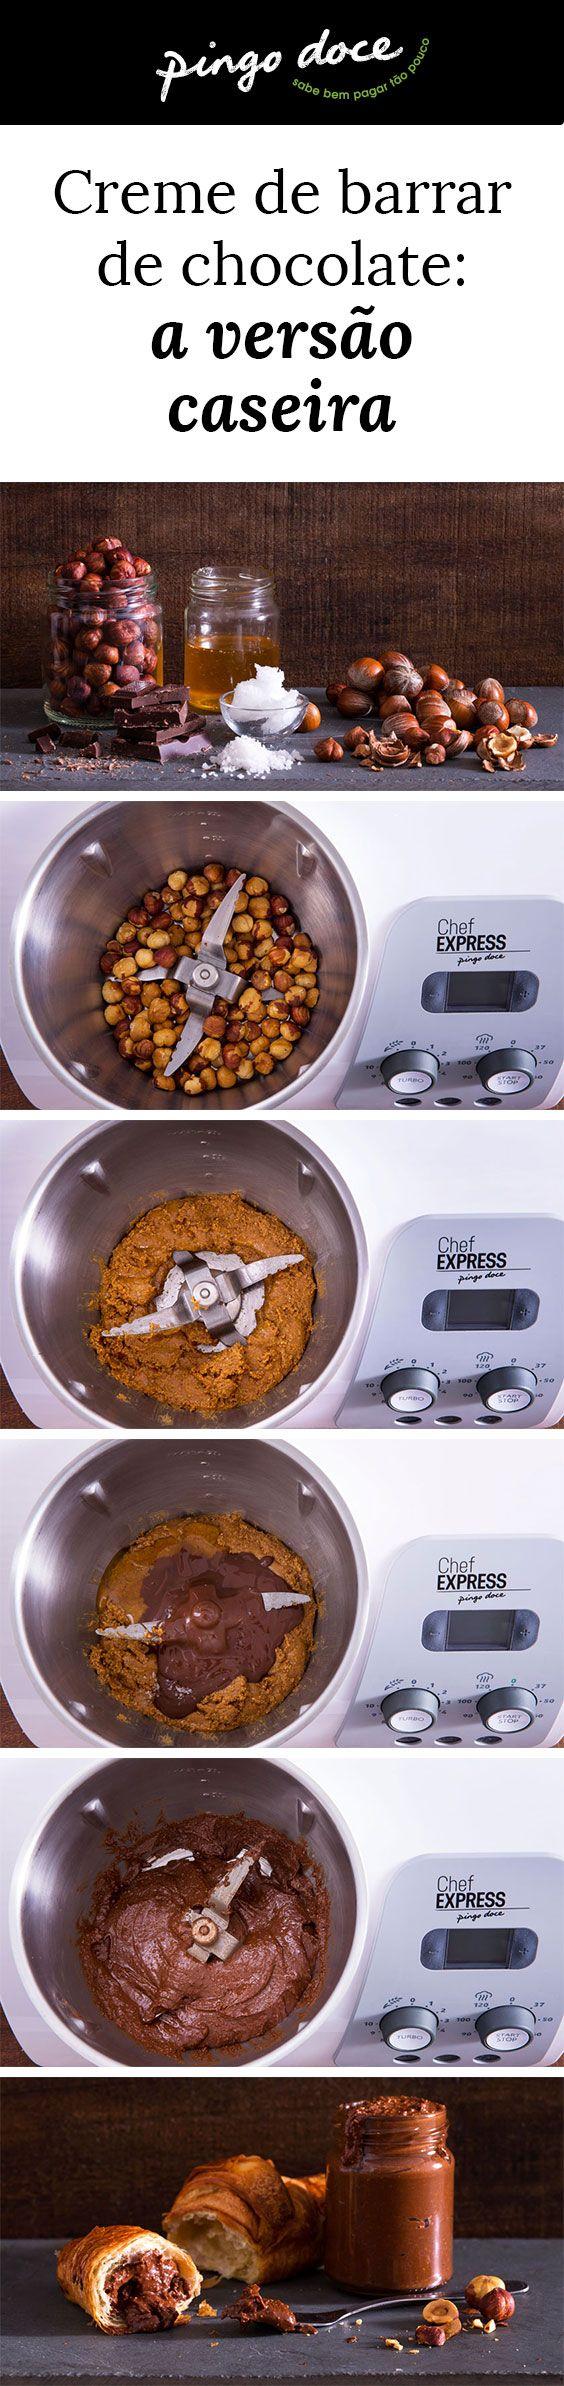 Se há casamento perfeito é o do chocolate com a avelã. Concilie estes dois ingredientes preparando este delicioso creme de chocolate e avelã caseiro.